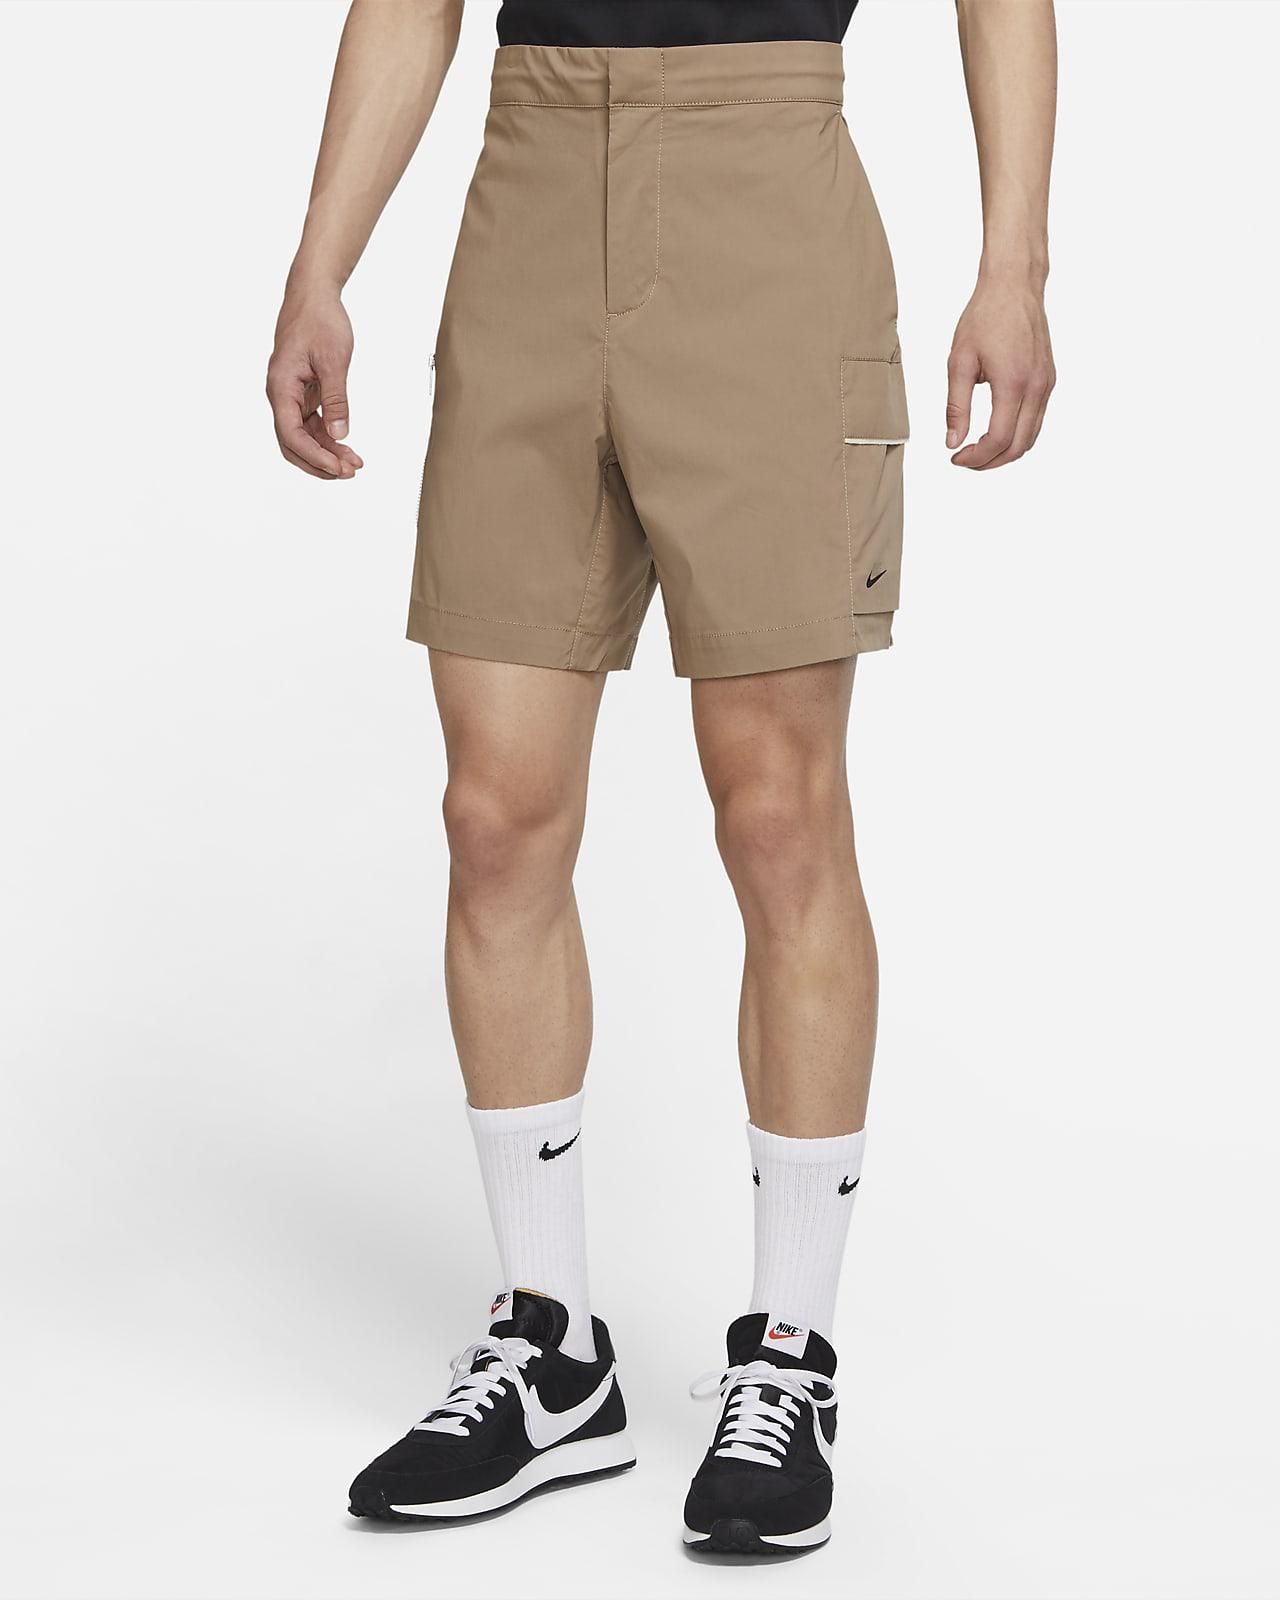 Nike Sportswear Style Essentials Men's Unlined Utility Shorts